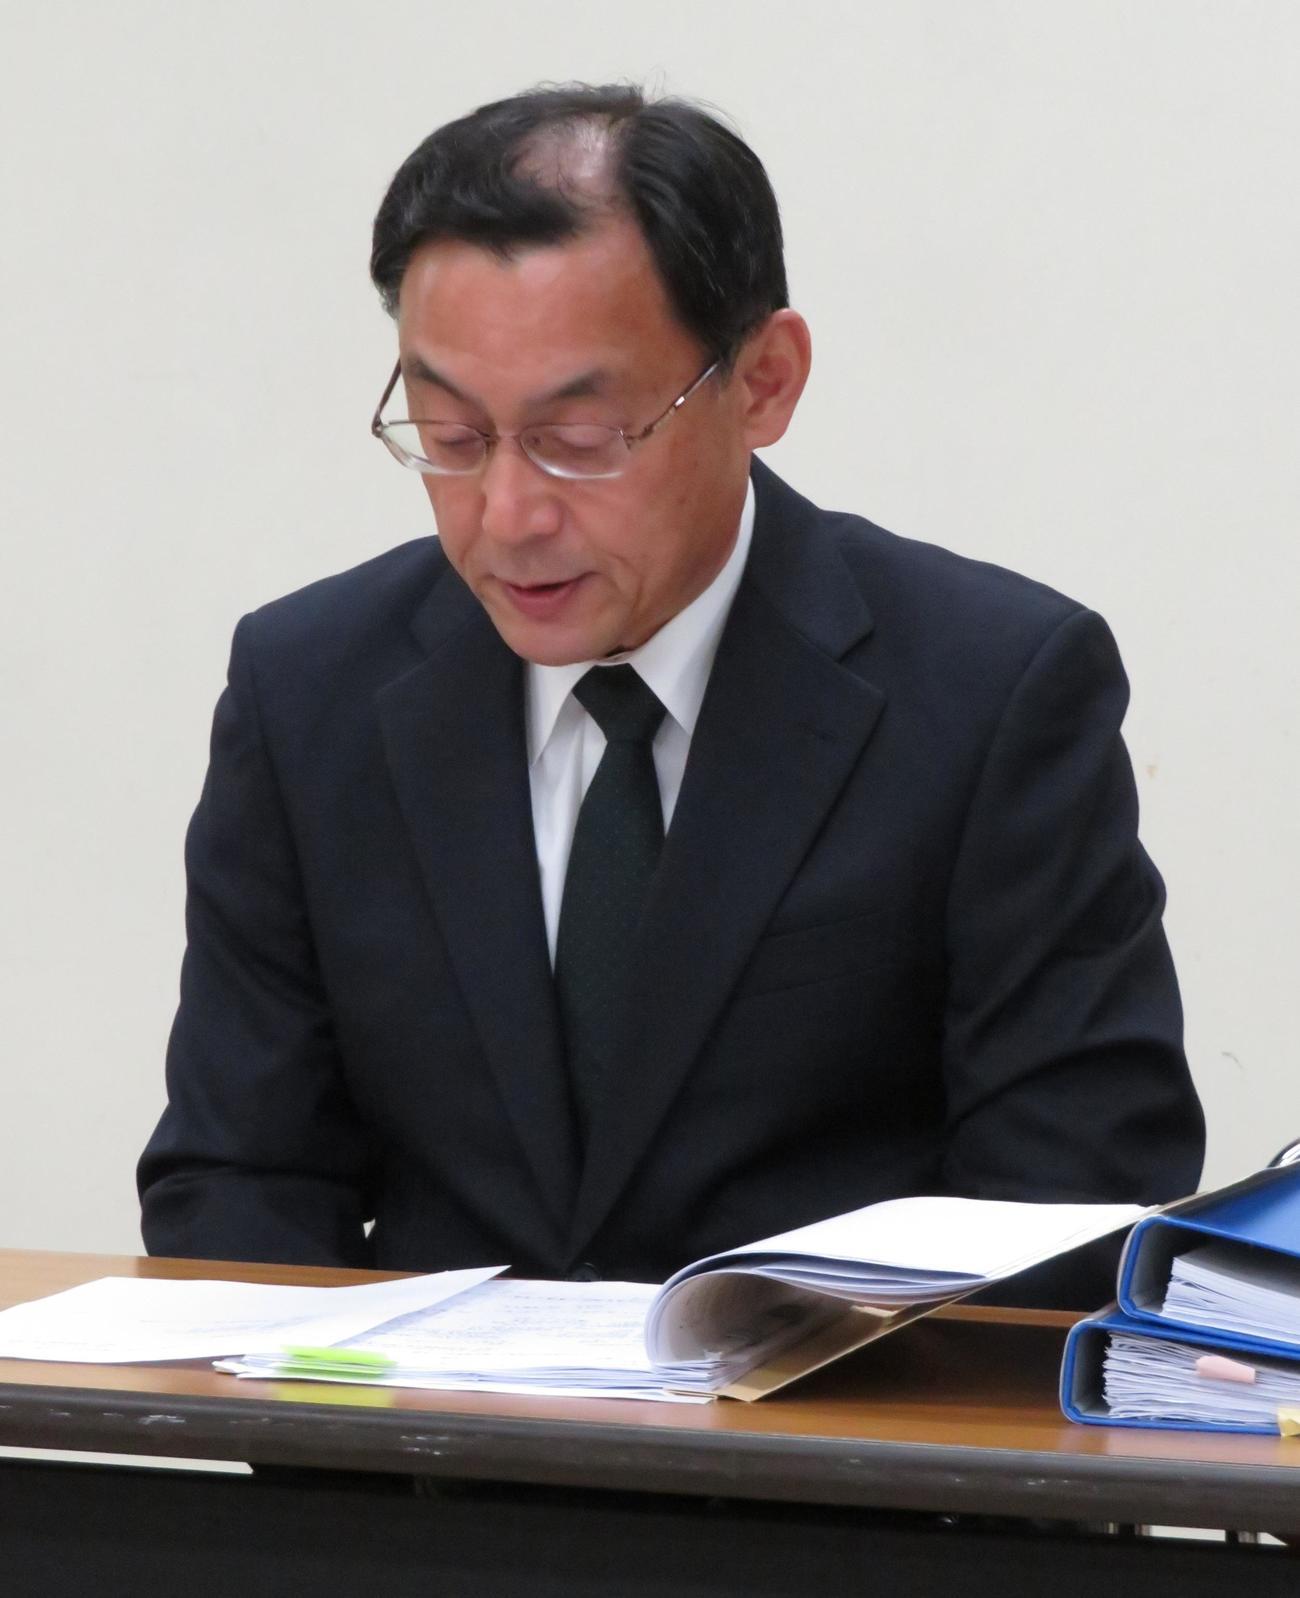 全柔連の臨時理事会後、記者会見を行う吉田行宏事務局長(撮影・峯岸佑樹)